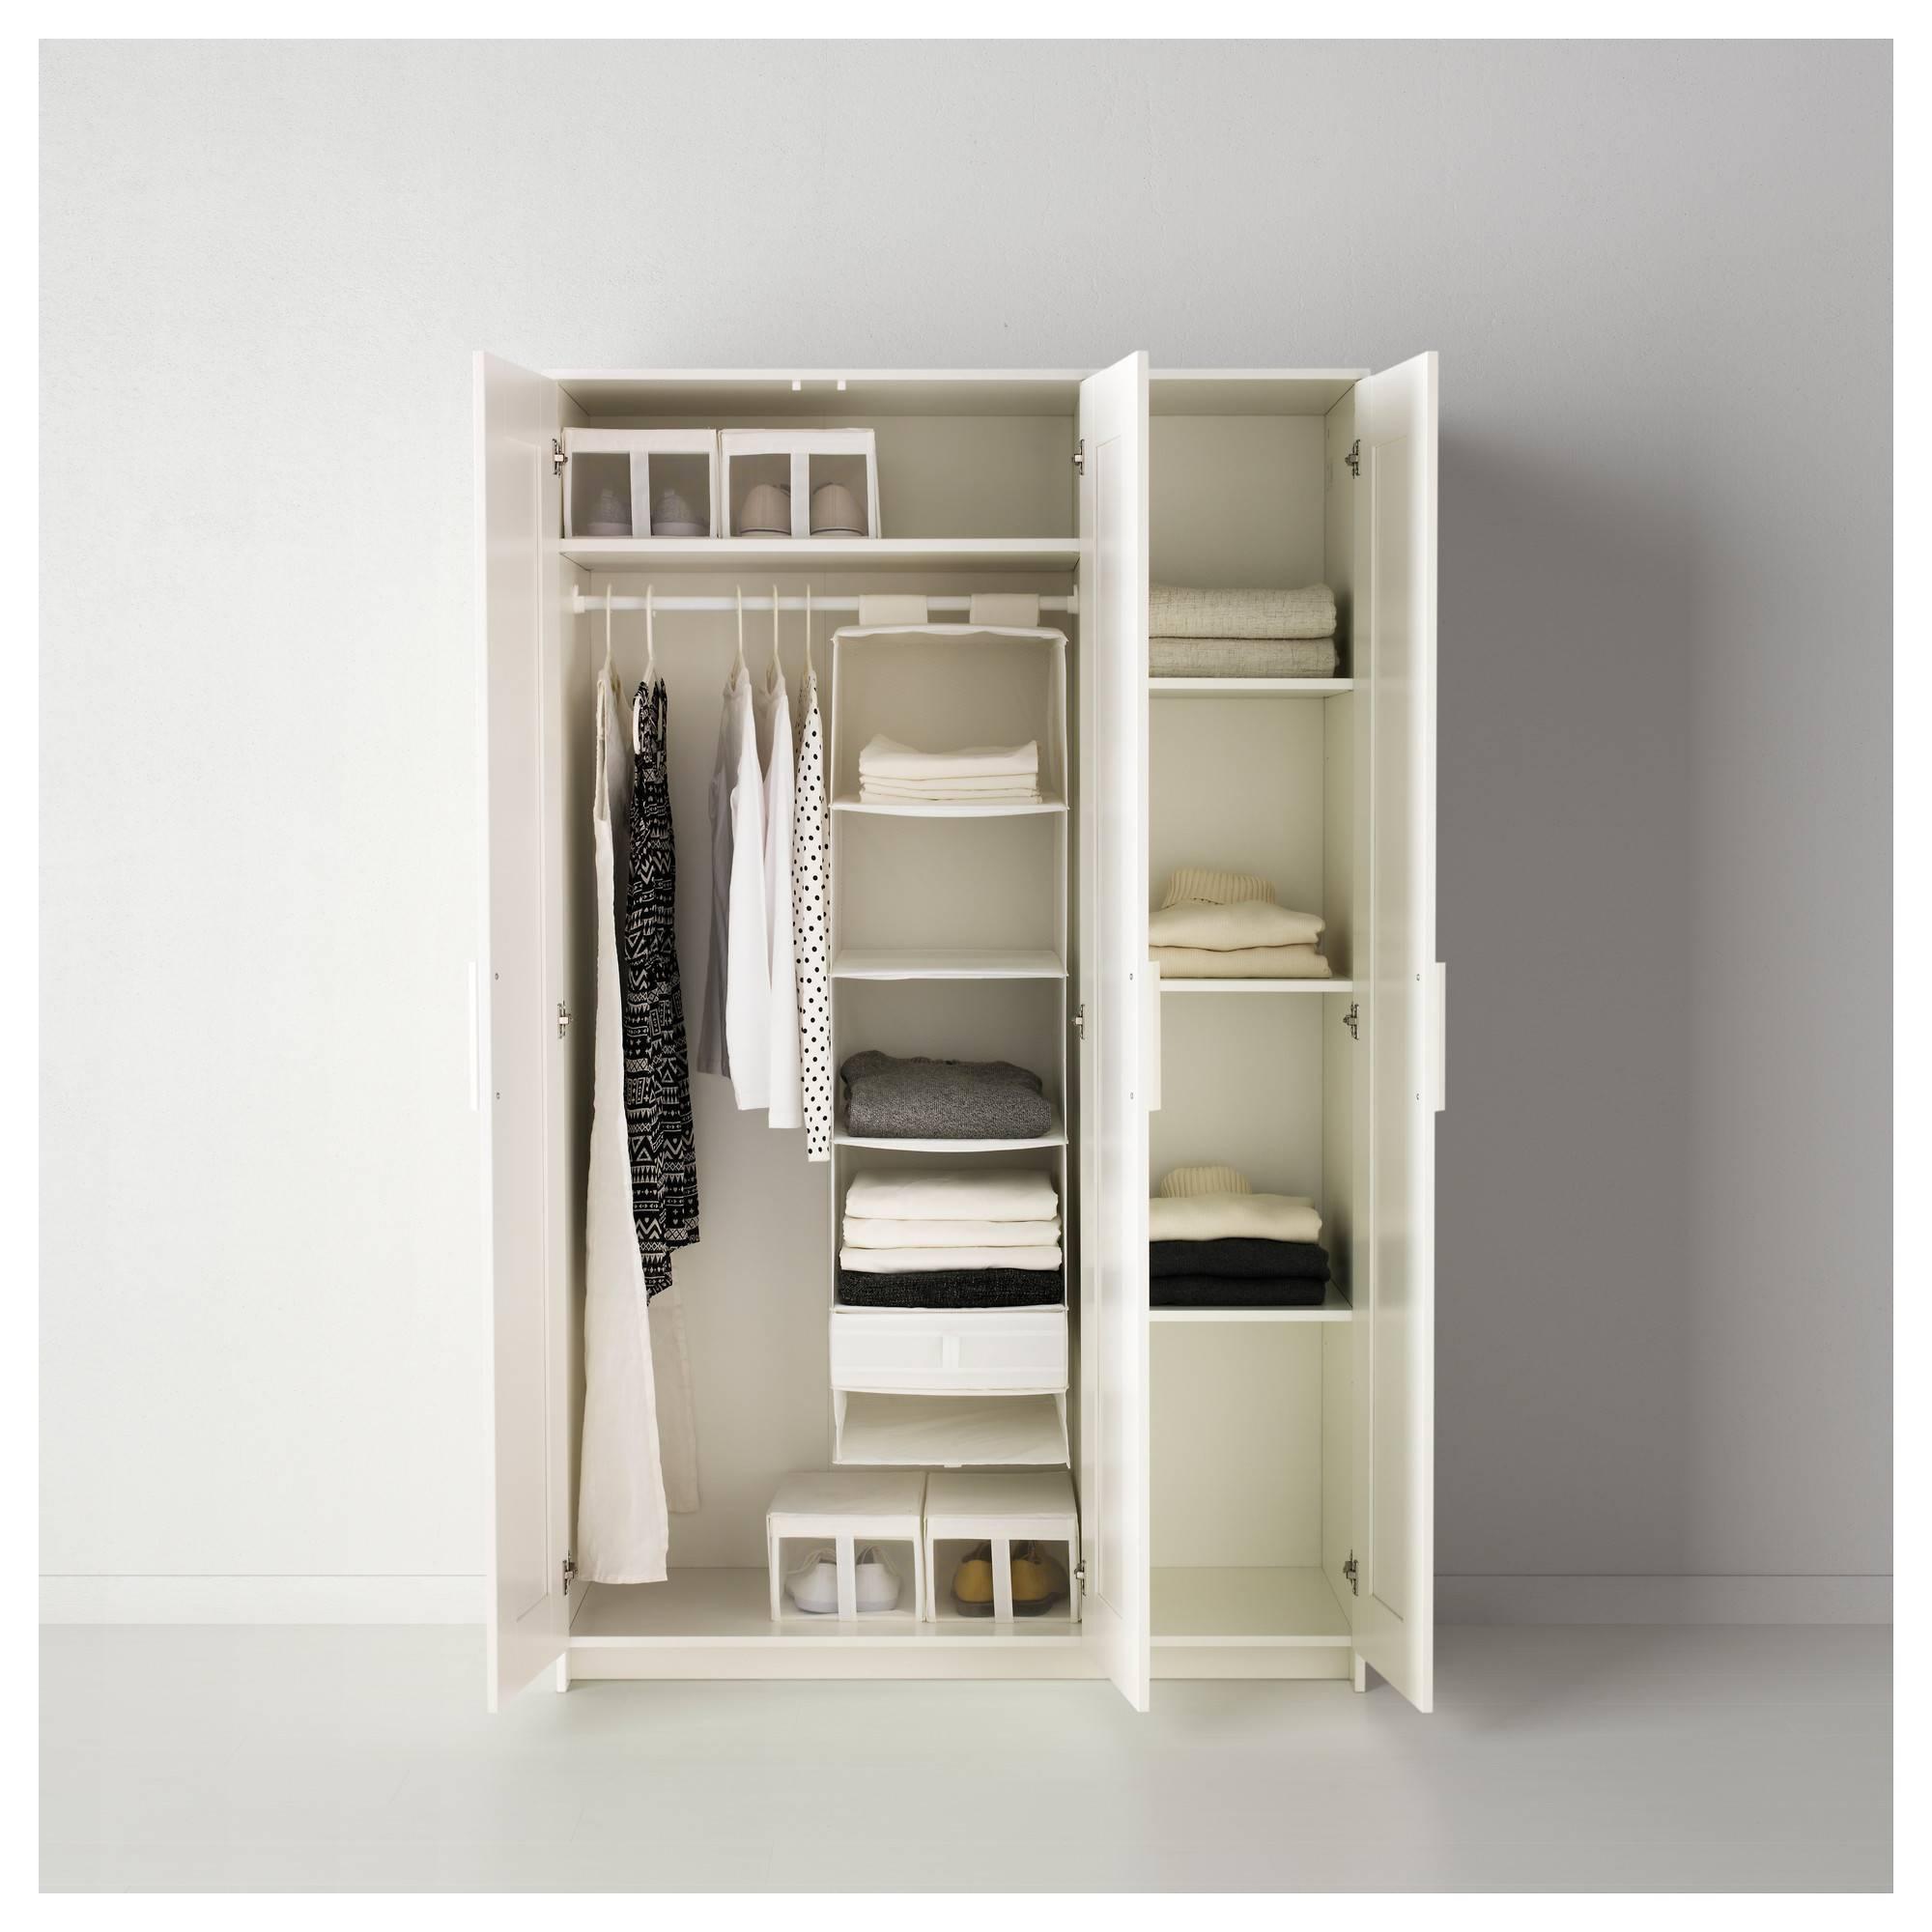 Brimnes Wardrobe With 3 Doors - White - Ikea for 3 Door Wardrobes (Image 3 of 15)